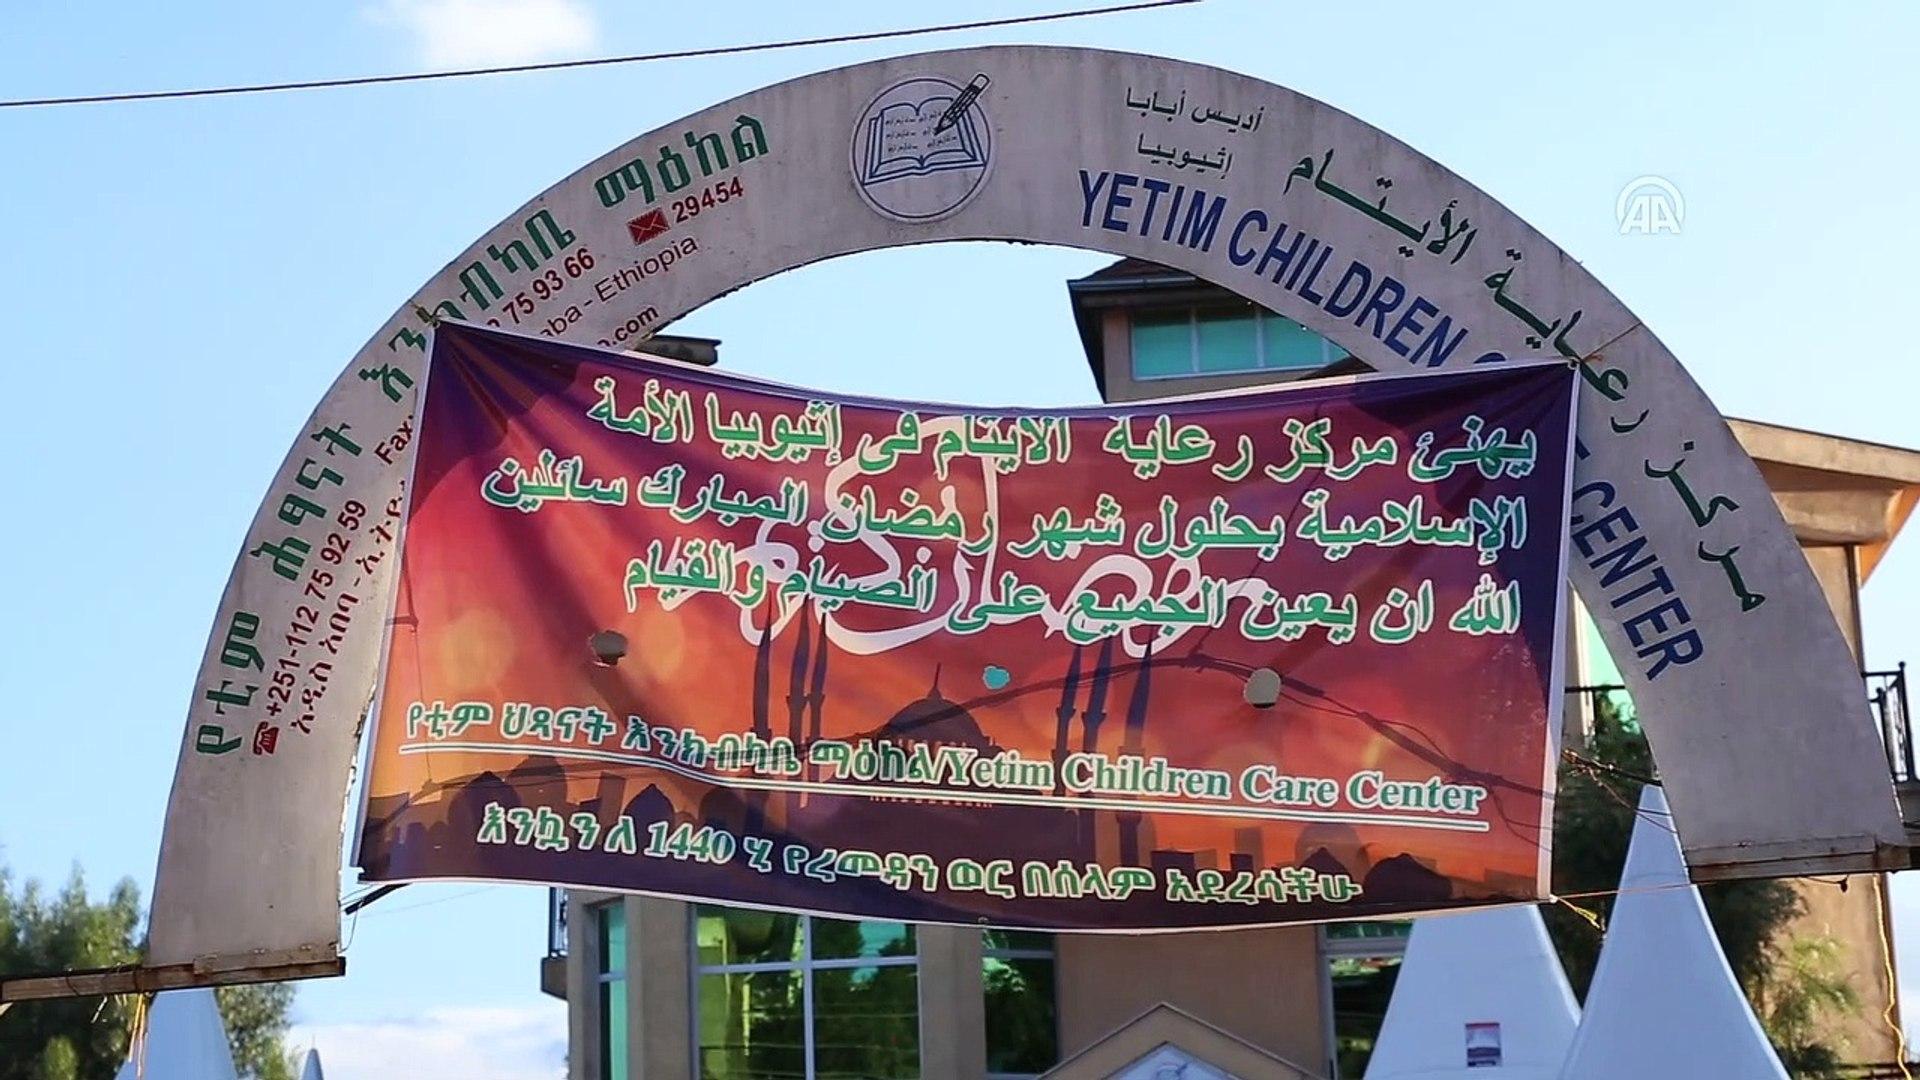 TİKA Etiyopya'da yetimleri unutmadı - ADDİS ABABA